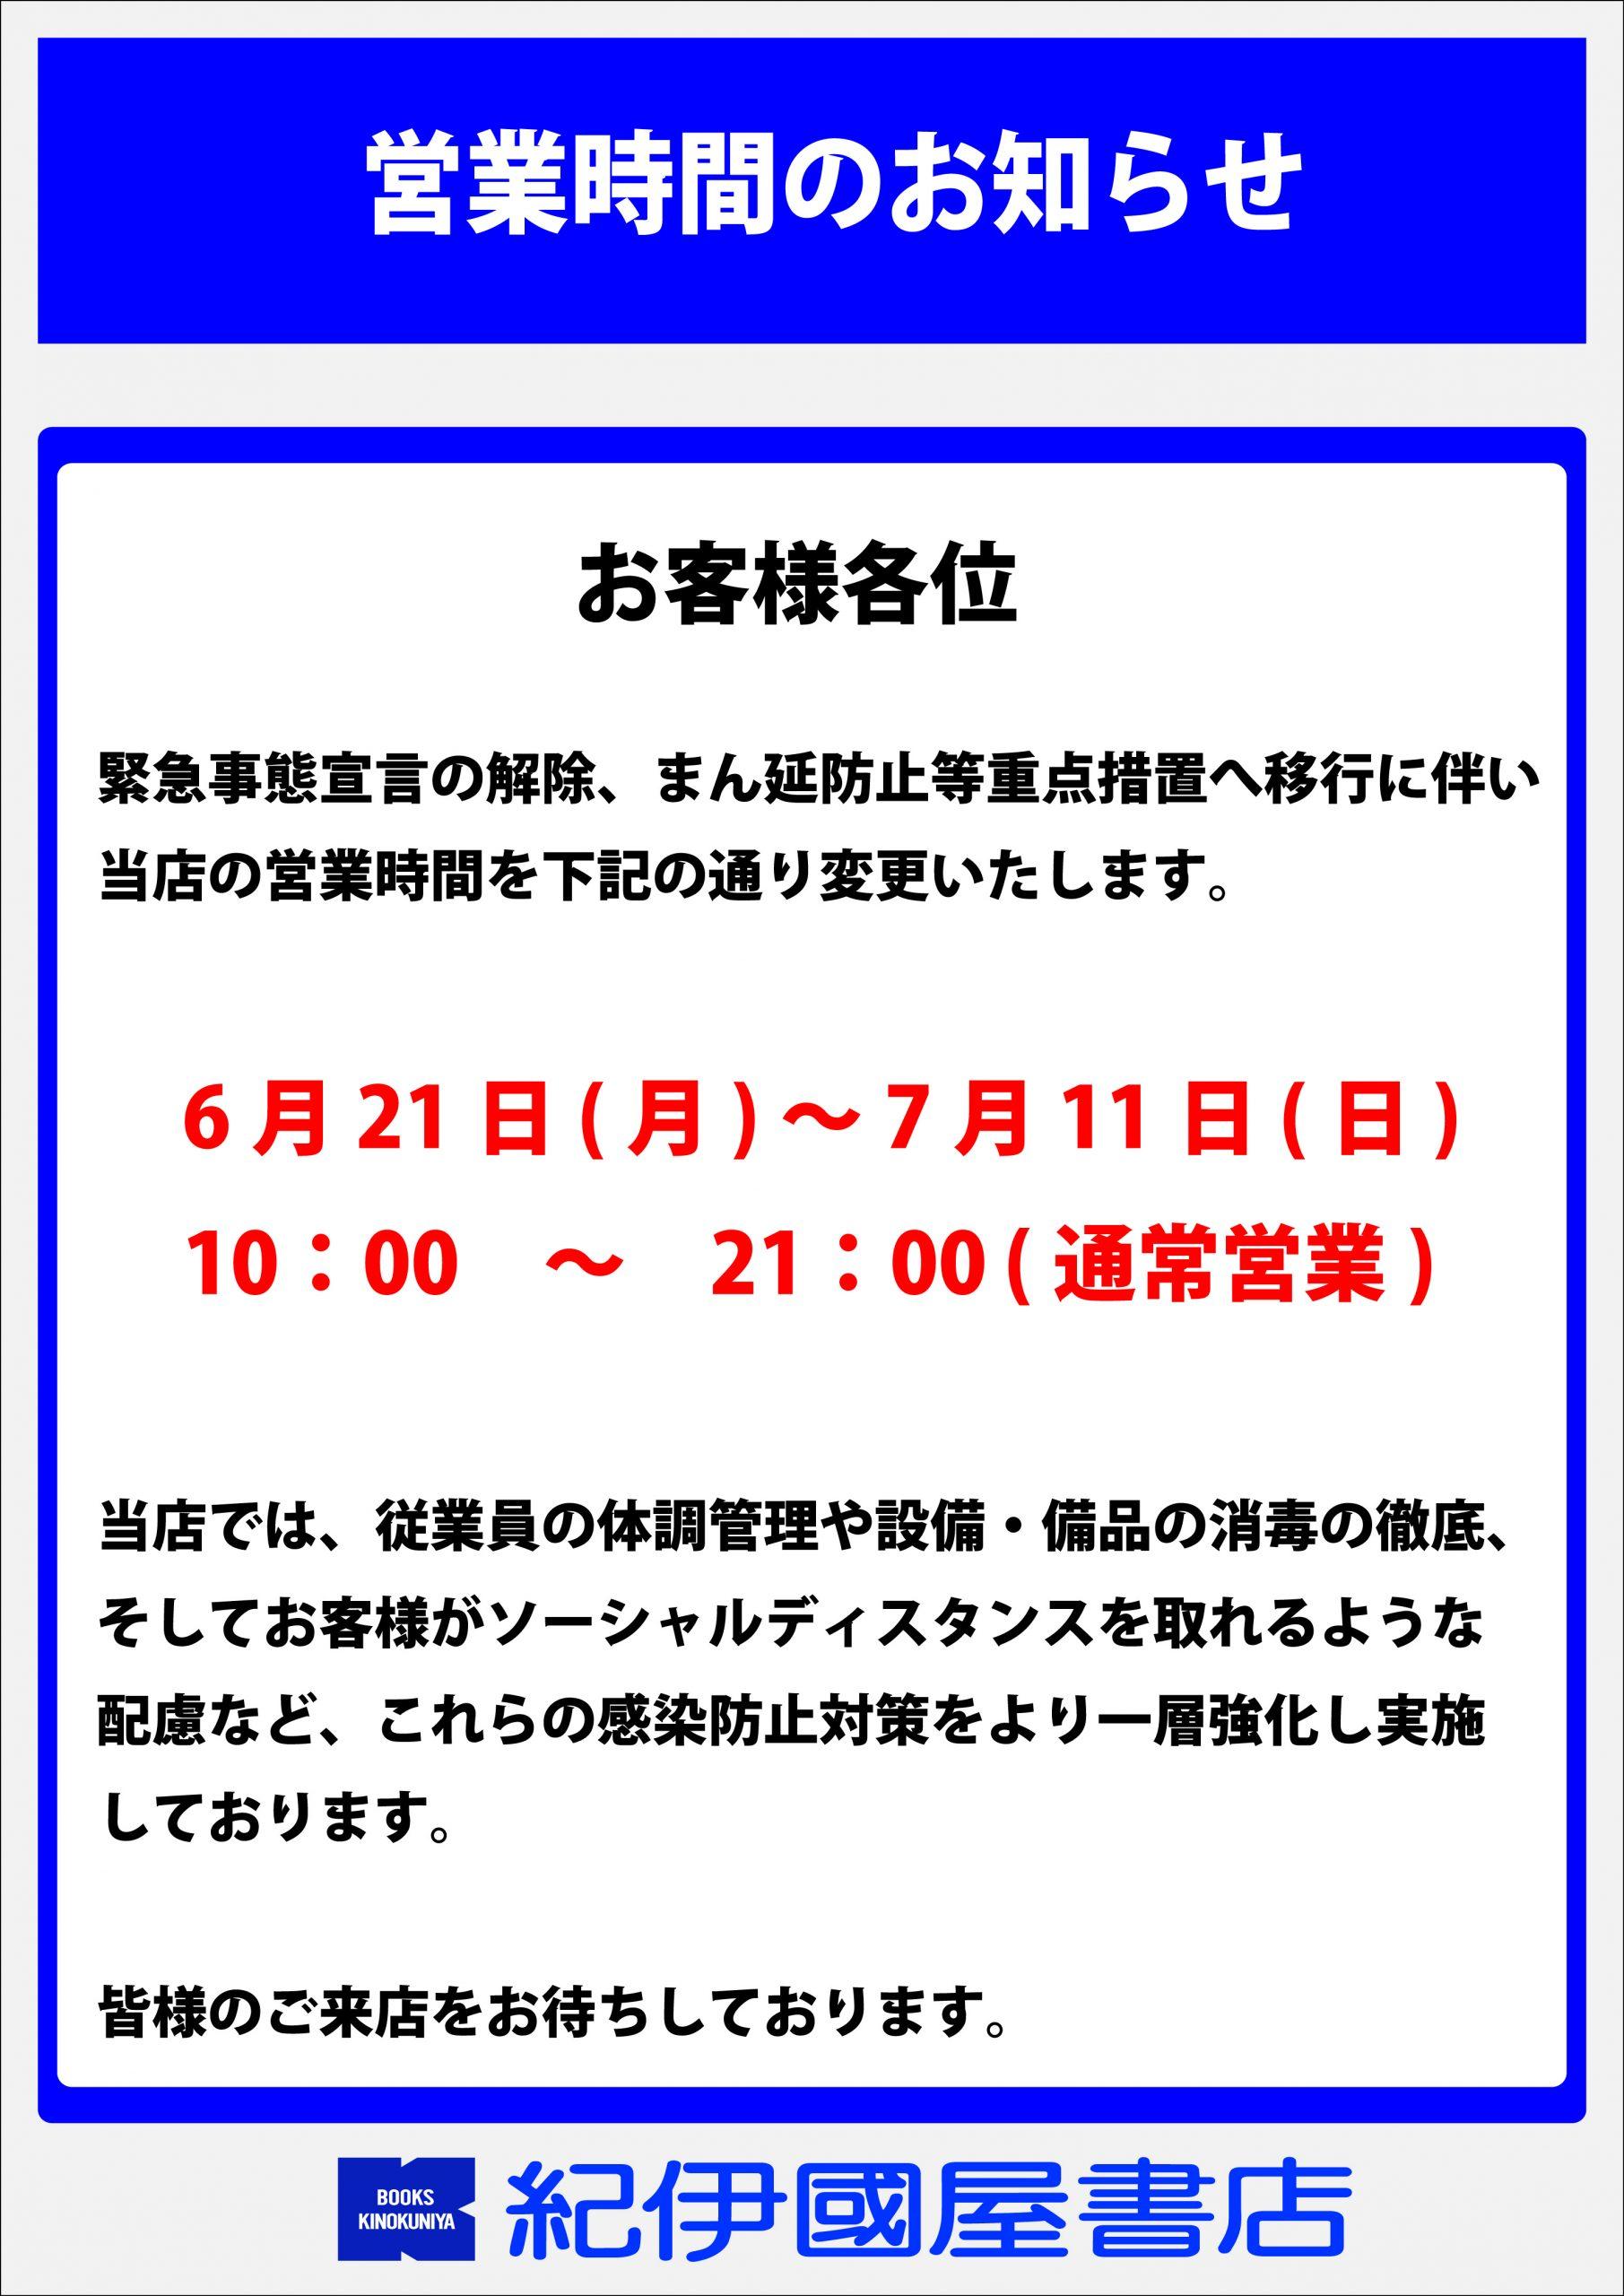 紀伊國屋書店:営業時間のお知らせ